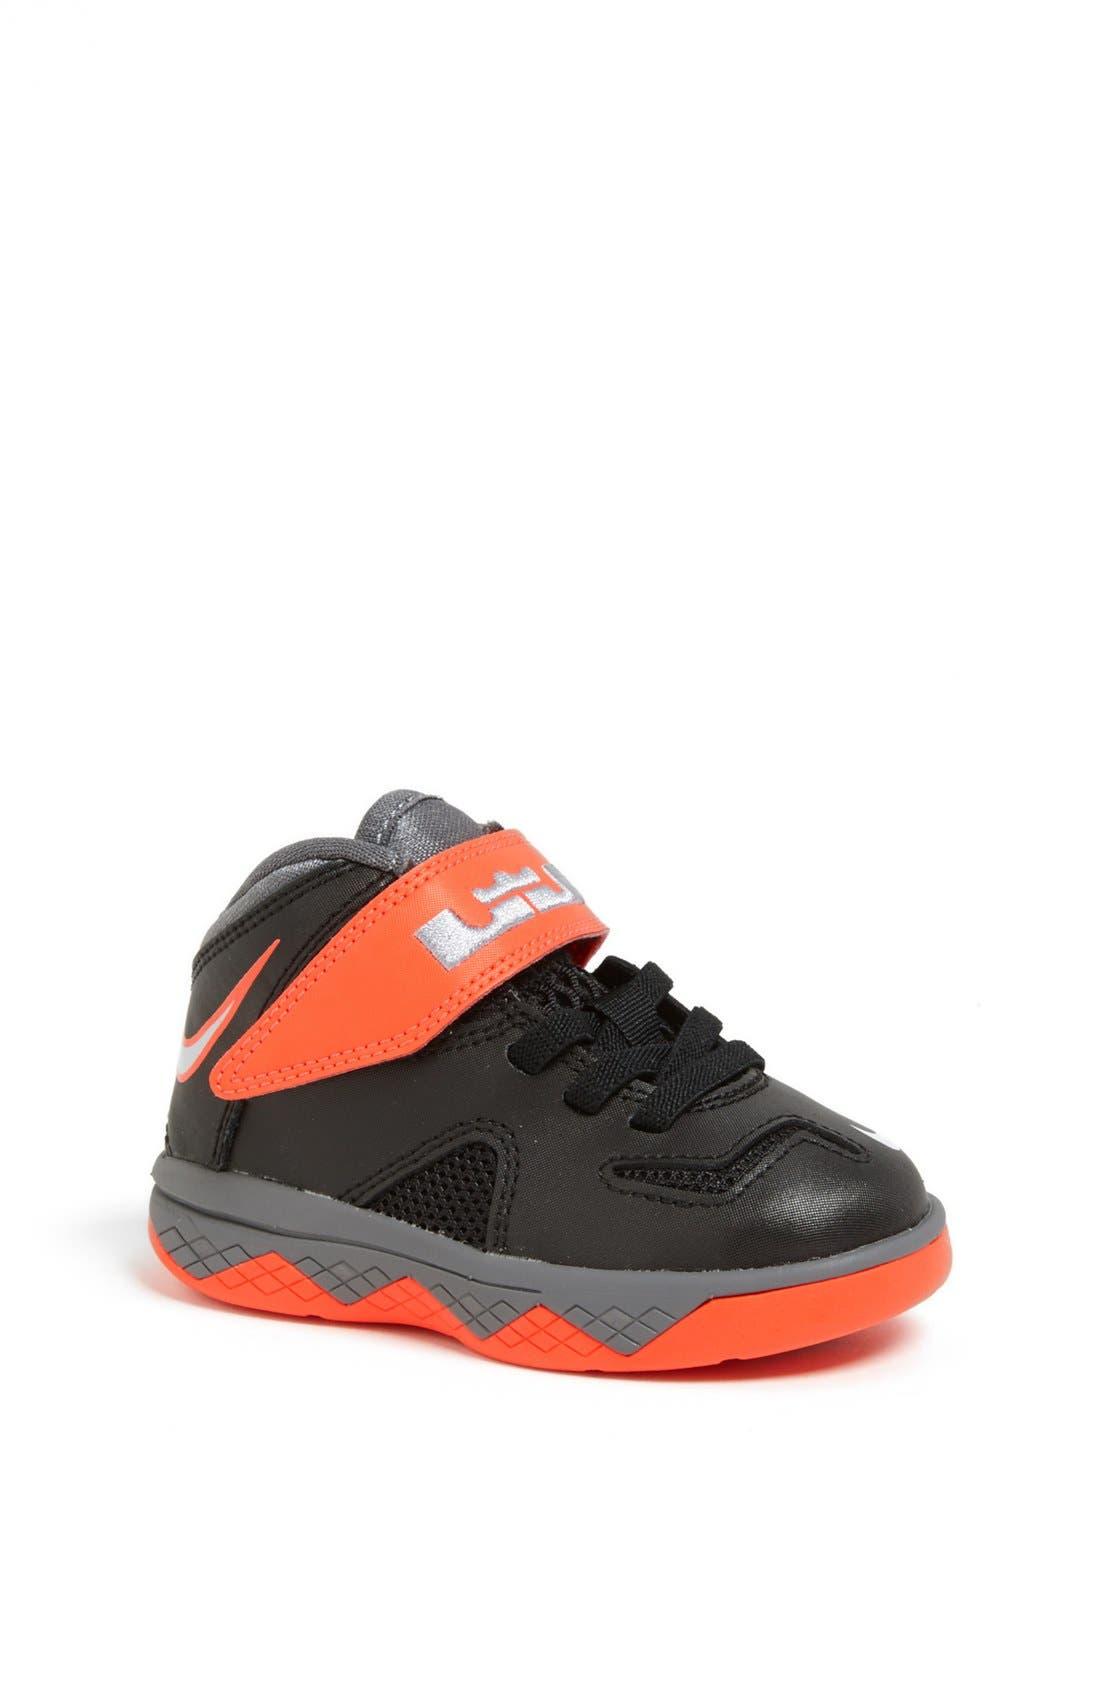 Main Image - Nike 'LeBron Soldier 7' Basketball Shoe (Baby, Walker & Toddler)